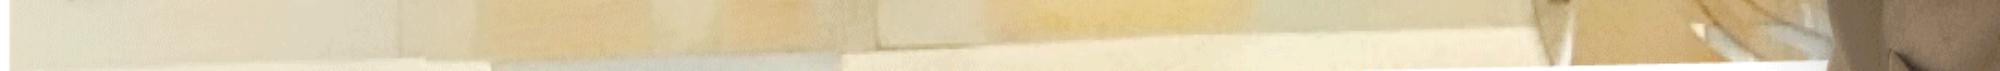 【公式】女性専用鍼灸サロン おーりとーりの風】 札幌市白石区地下鉄白石駅徒歩5分/東洋医学